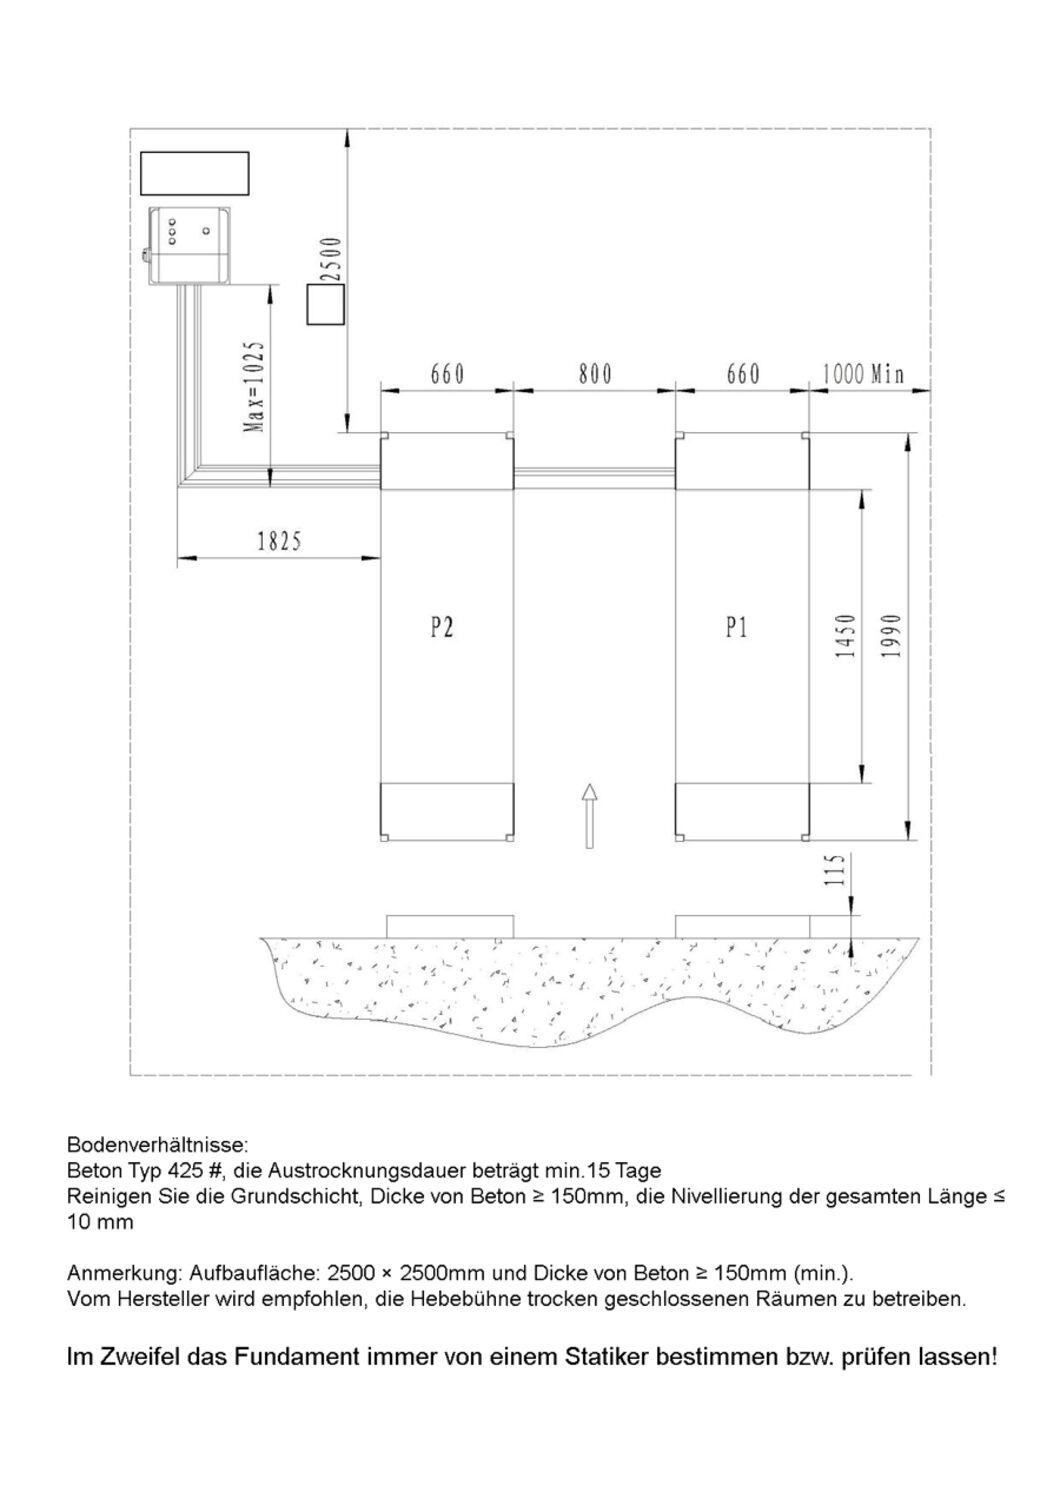 Gut bekannt Alwo Scherenhebebühne Überflur 3 Tonnen KFZ Hebebühne Doppel ON97